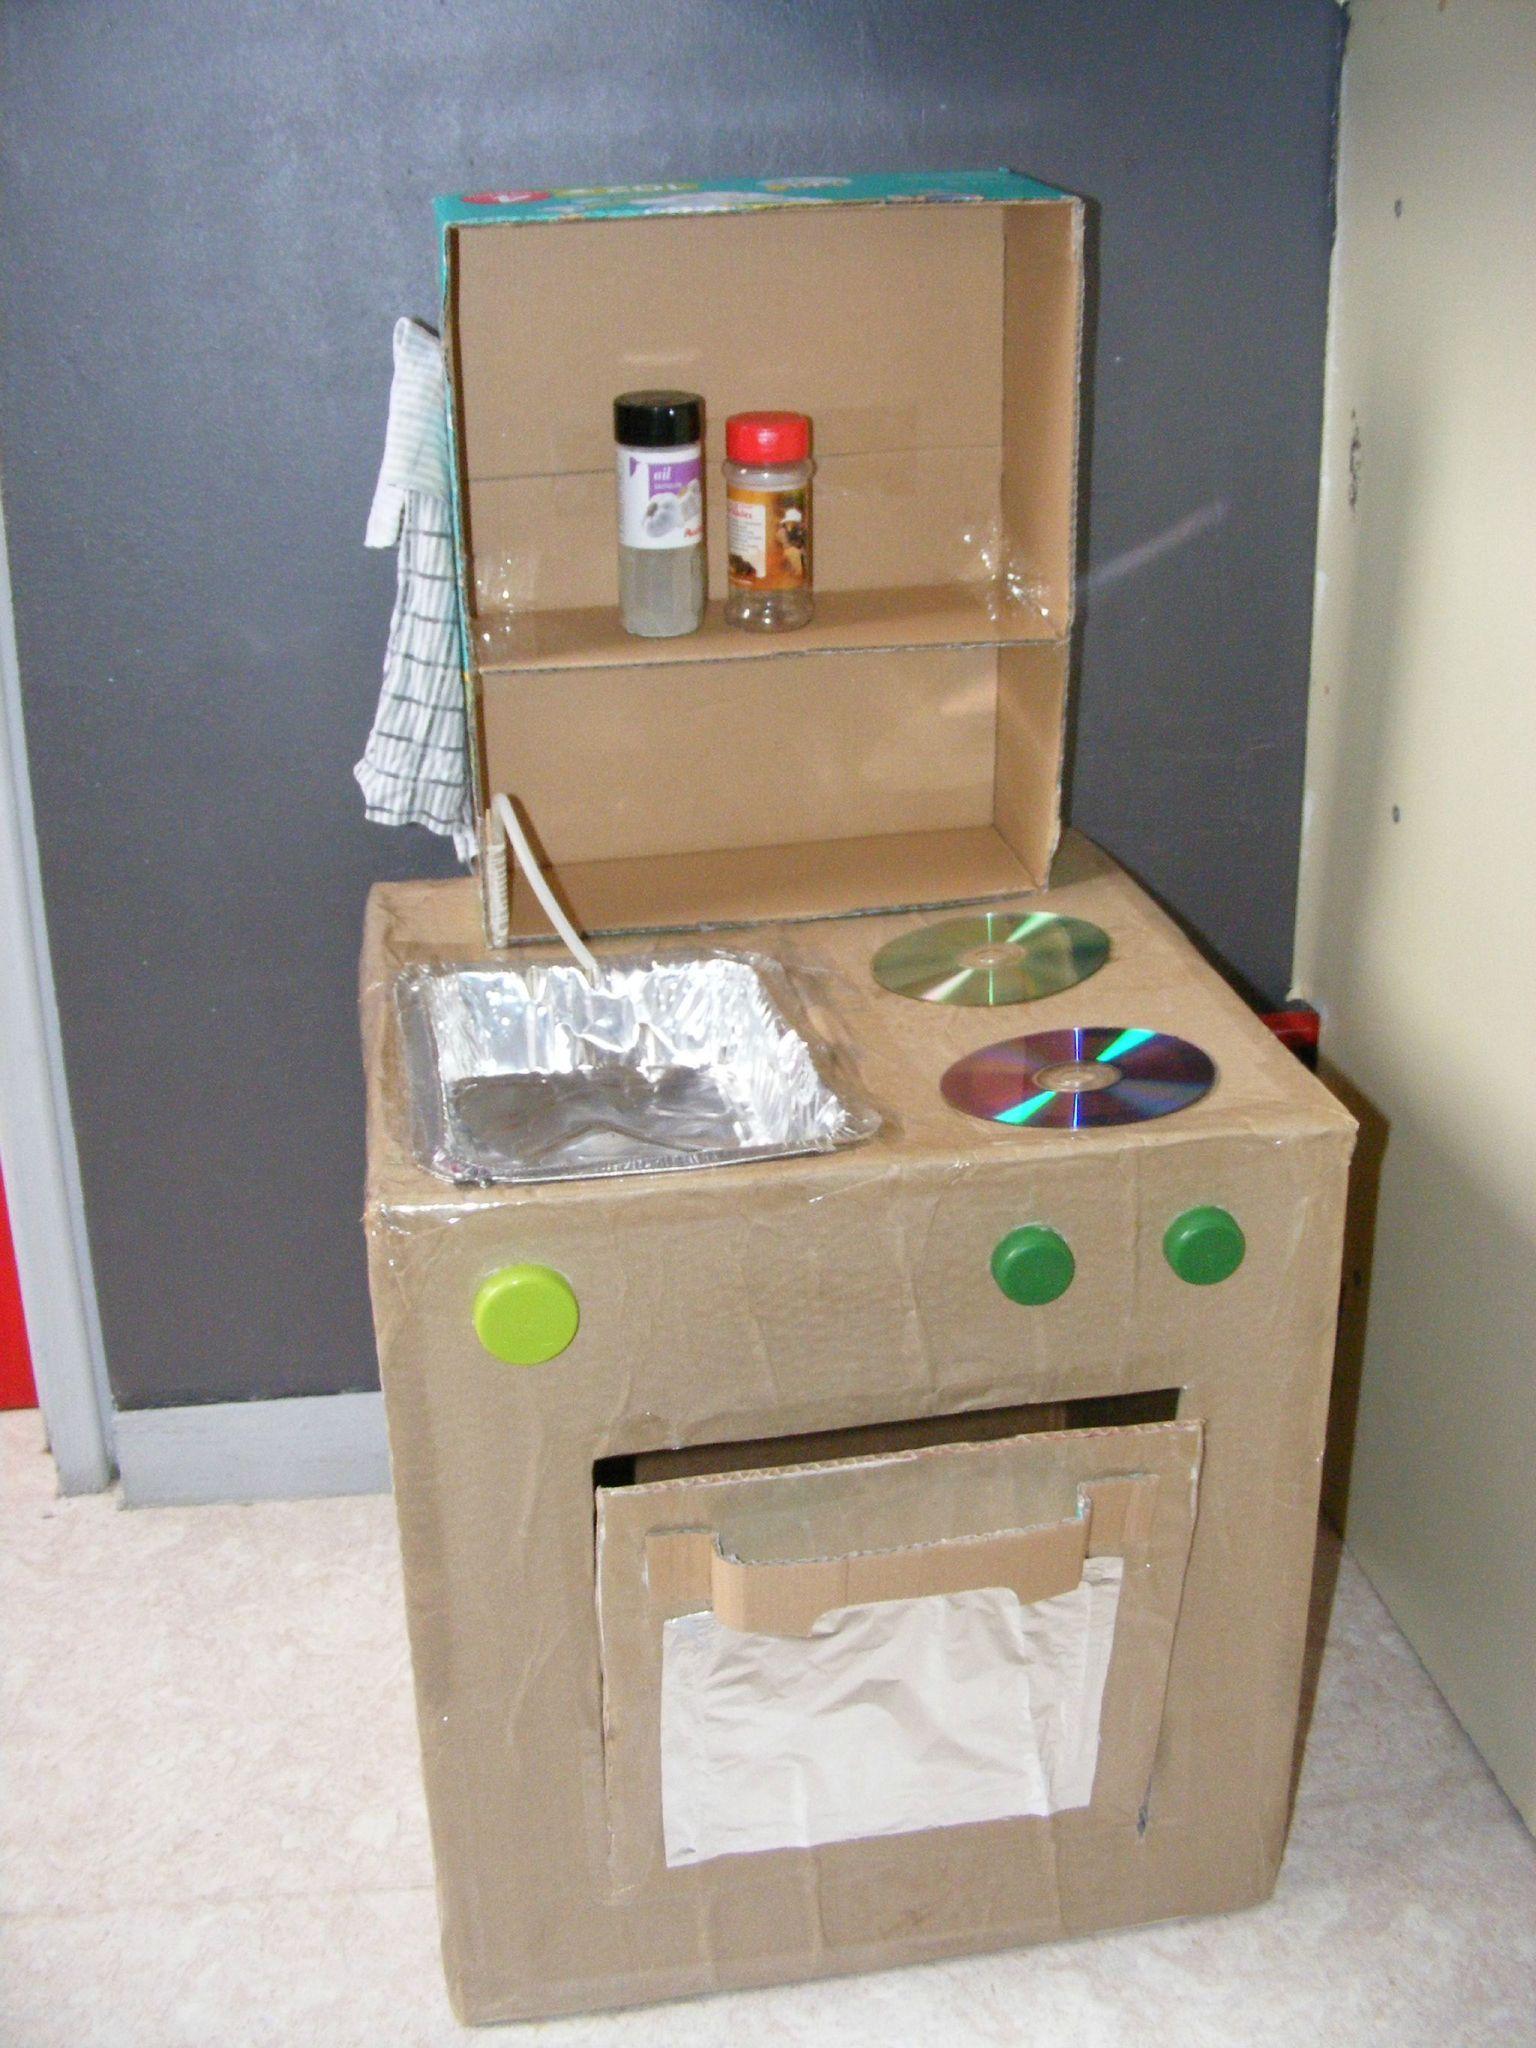 trendy cuisinire en carton bonne ide les cd pour les plaques with fabriquer cuisine enfant. Black Bedroom Furniture Sets. Home Design Ideas